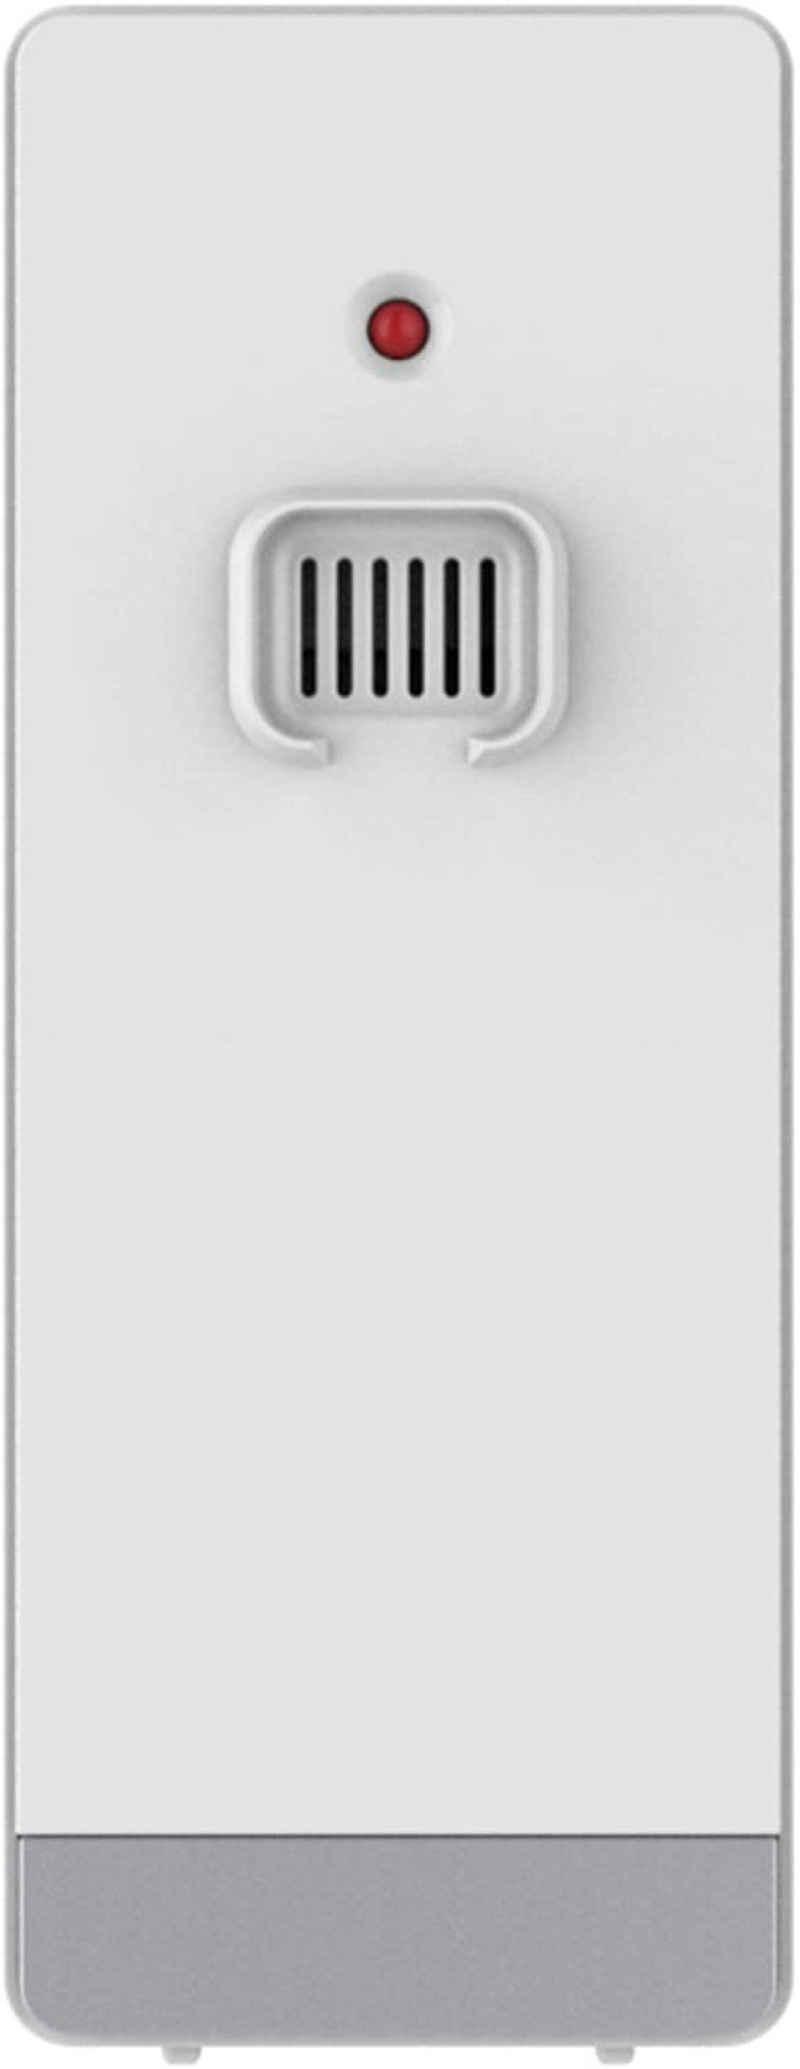 technoline Projektionswecker »WT 549« Funkprojektionswecker, Funkwecker, Projektion, Uhrzeit, Wecker, Zeit-/Außentemperatur-Projektor, 180° drehbar, weiß